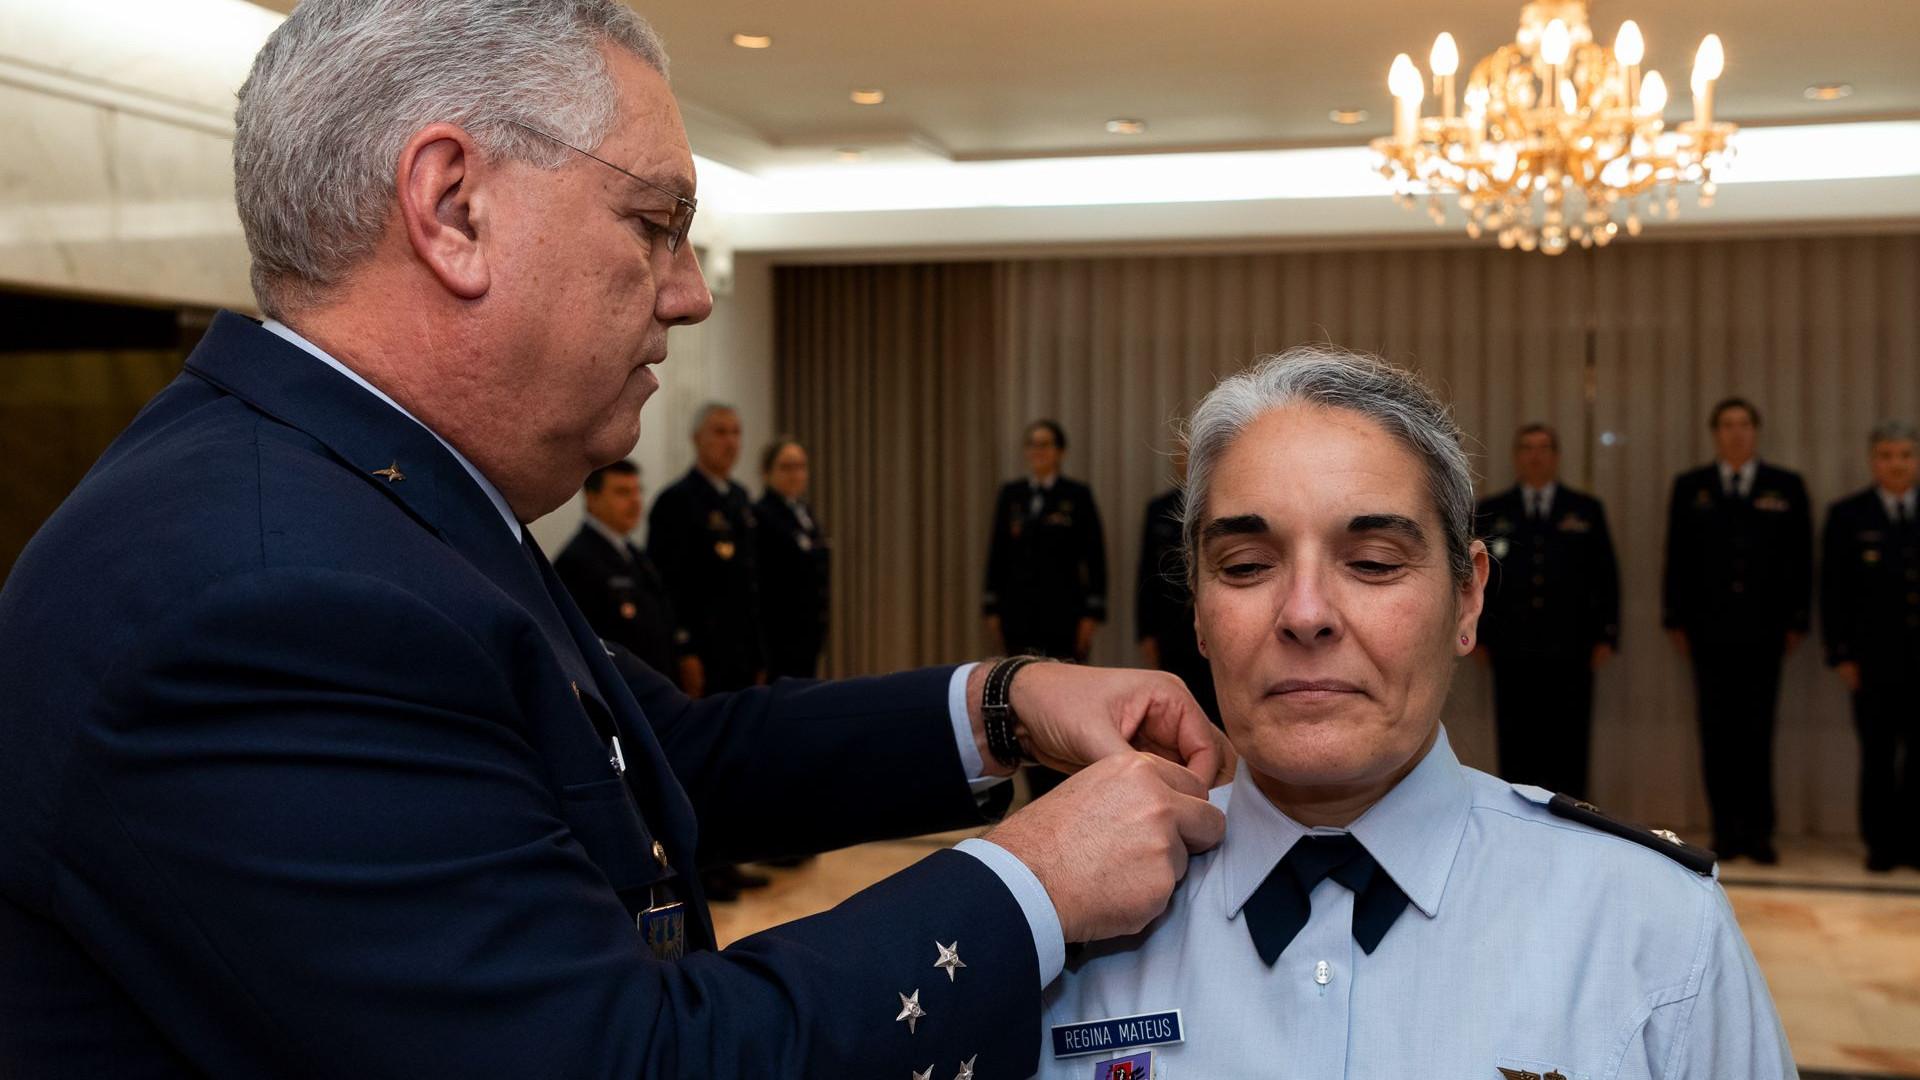 Primeira Oficial-General das Forças Armadas já assumiu o cargo